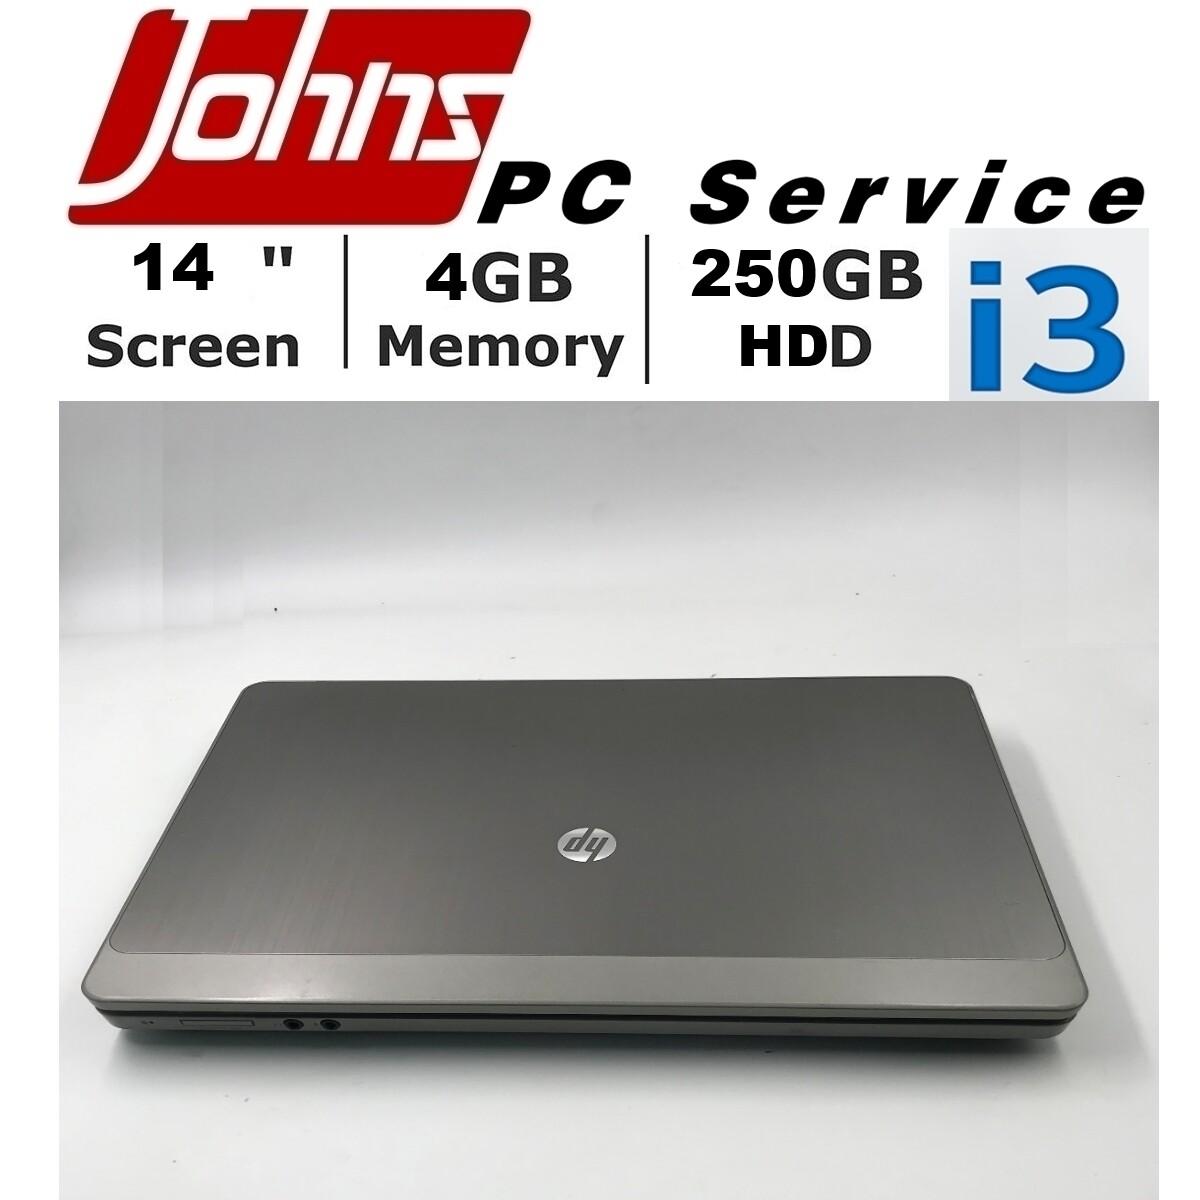 โน๊ตบุ๊ค laptop HP 6550 i5 15.6นิ้ว // Toshiba i5/i7 15.6นิ้ว โน๊ตบุ๊คมือสอง hp notebook/asus/acer ราคาถูกๆ มือสอง โน็ตบุ๊คมือ2 โน้ตบุ๊คถูกๆ โน๊ตบุ๊คมือสอง